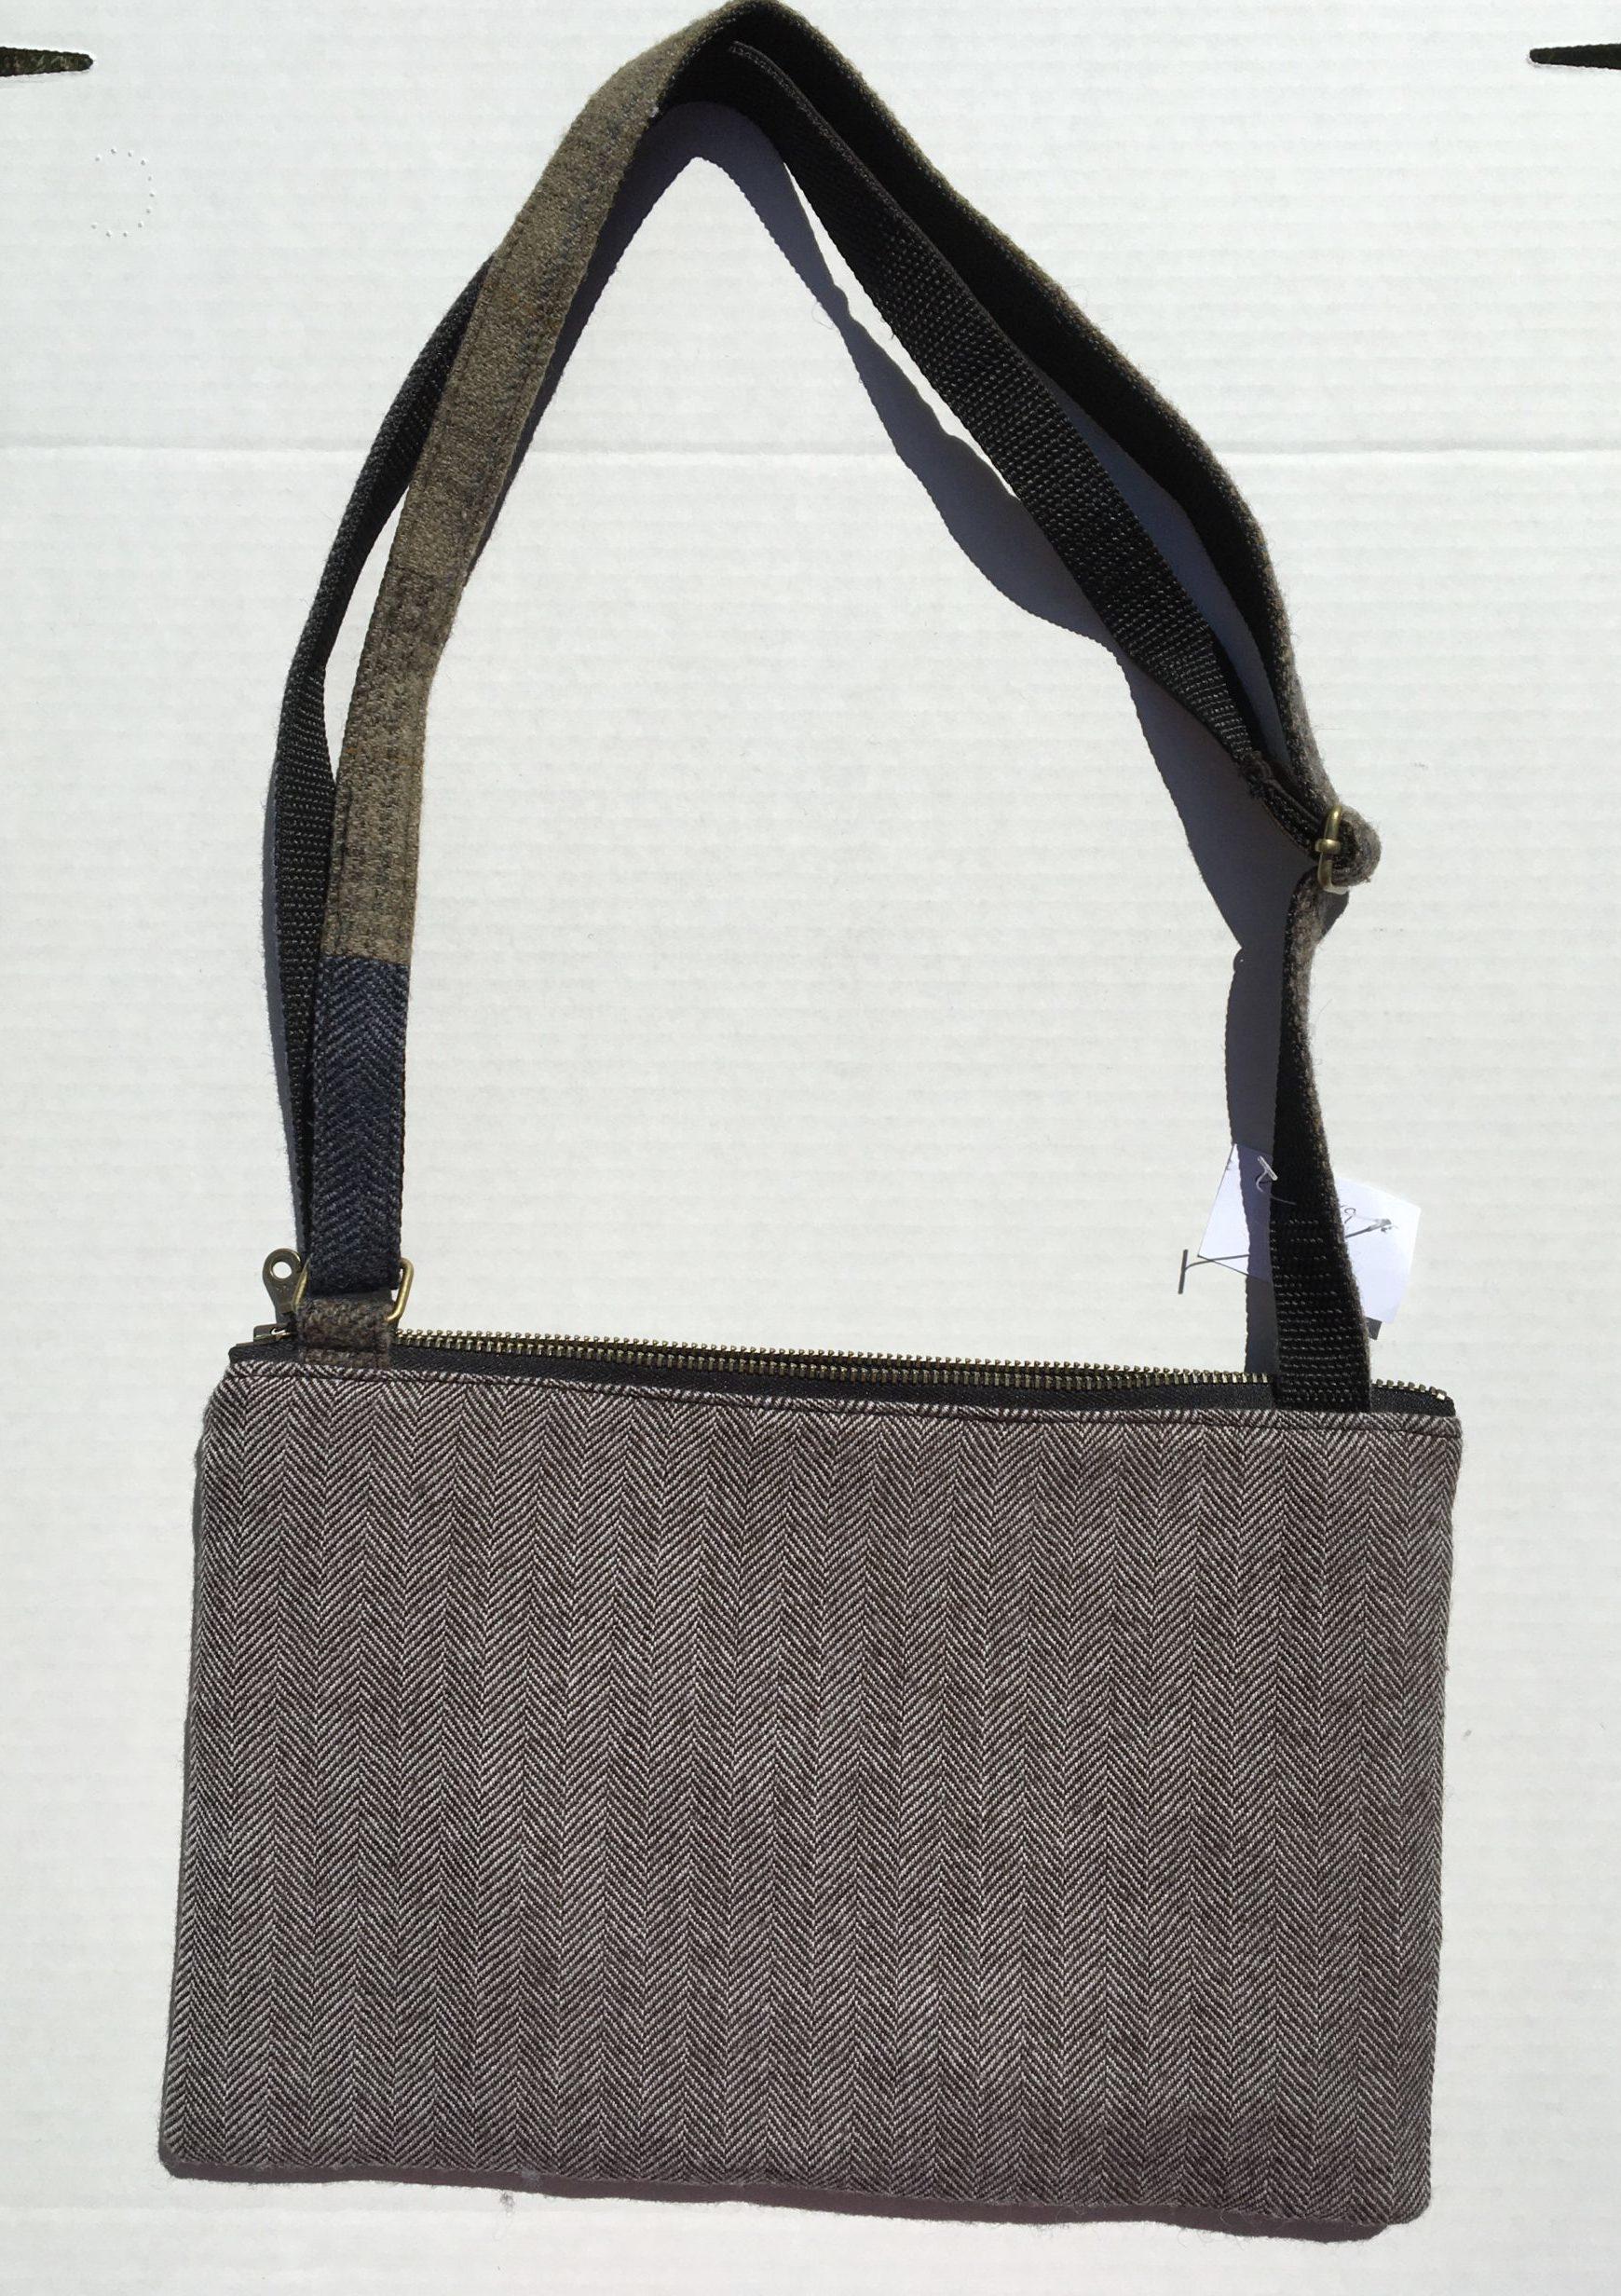 2020 Suit Bags Pics 002